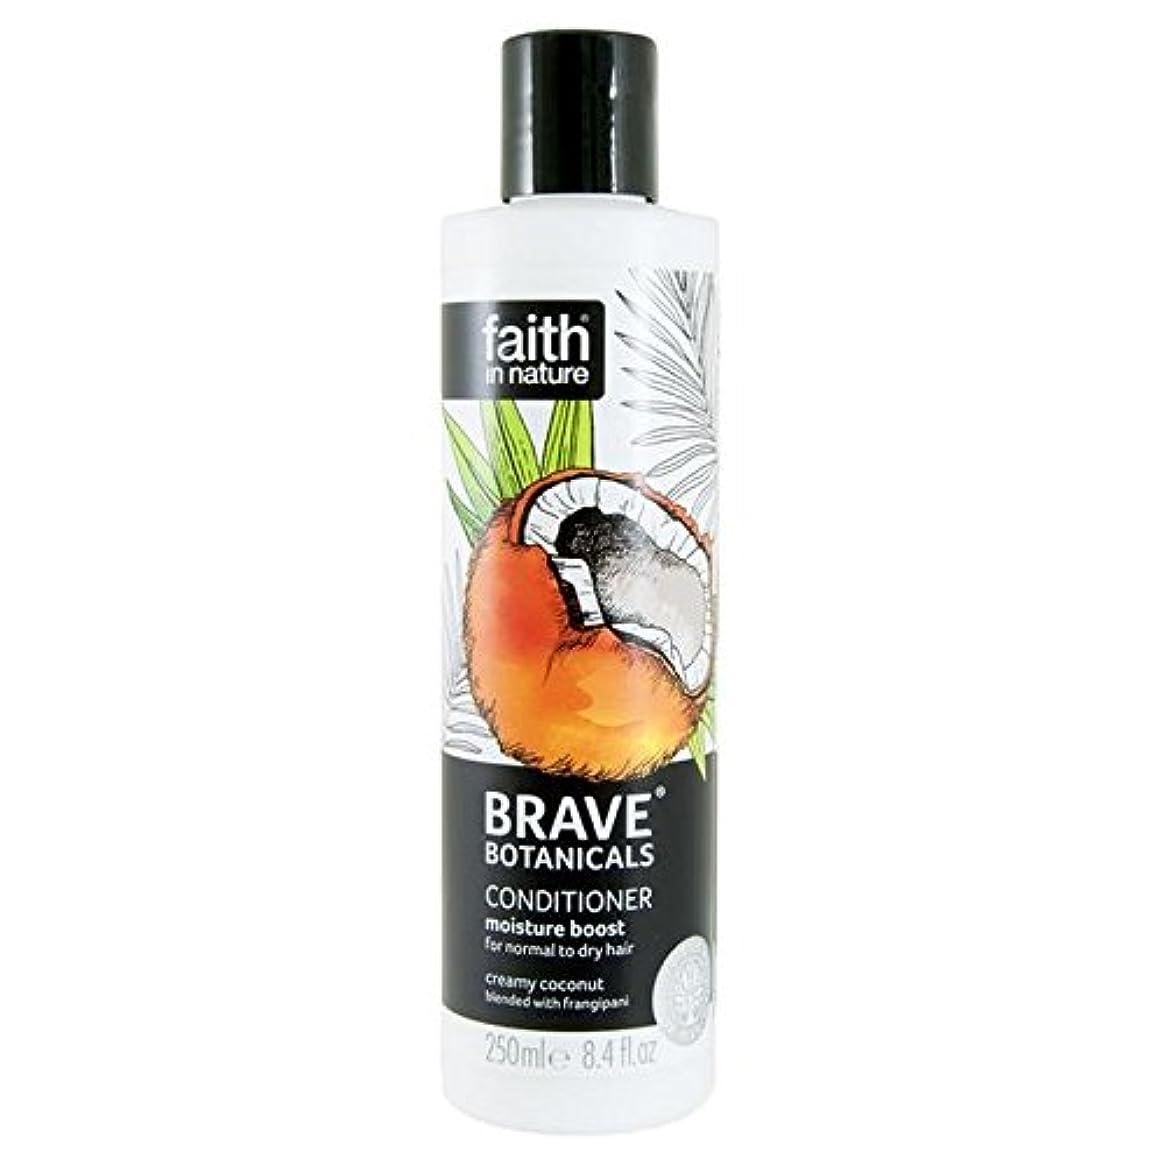 対象摂氏急勾配のBrave Botanicals Coconut & Frangipani Moisture Boost Conditioner 250ml (Pack of 4) - (Faith In Nature) 勇敢な植物ココナッツ...